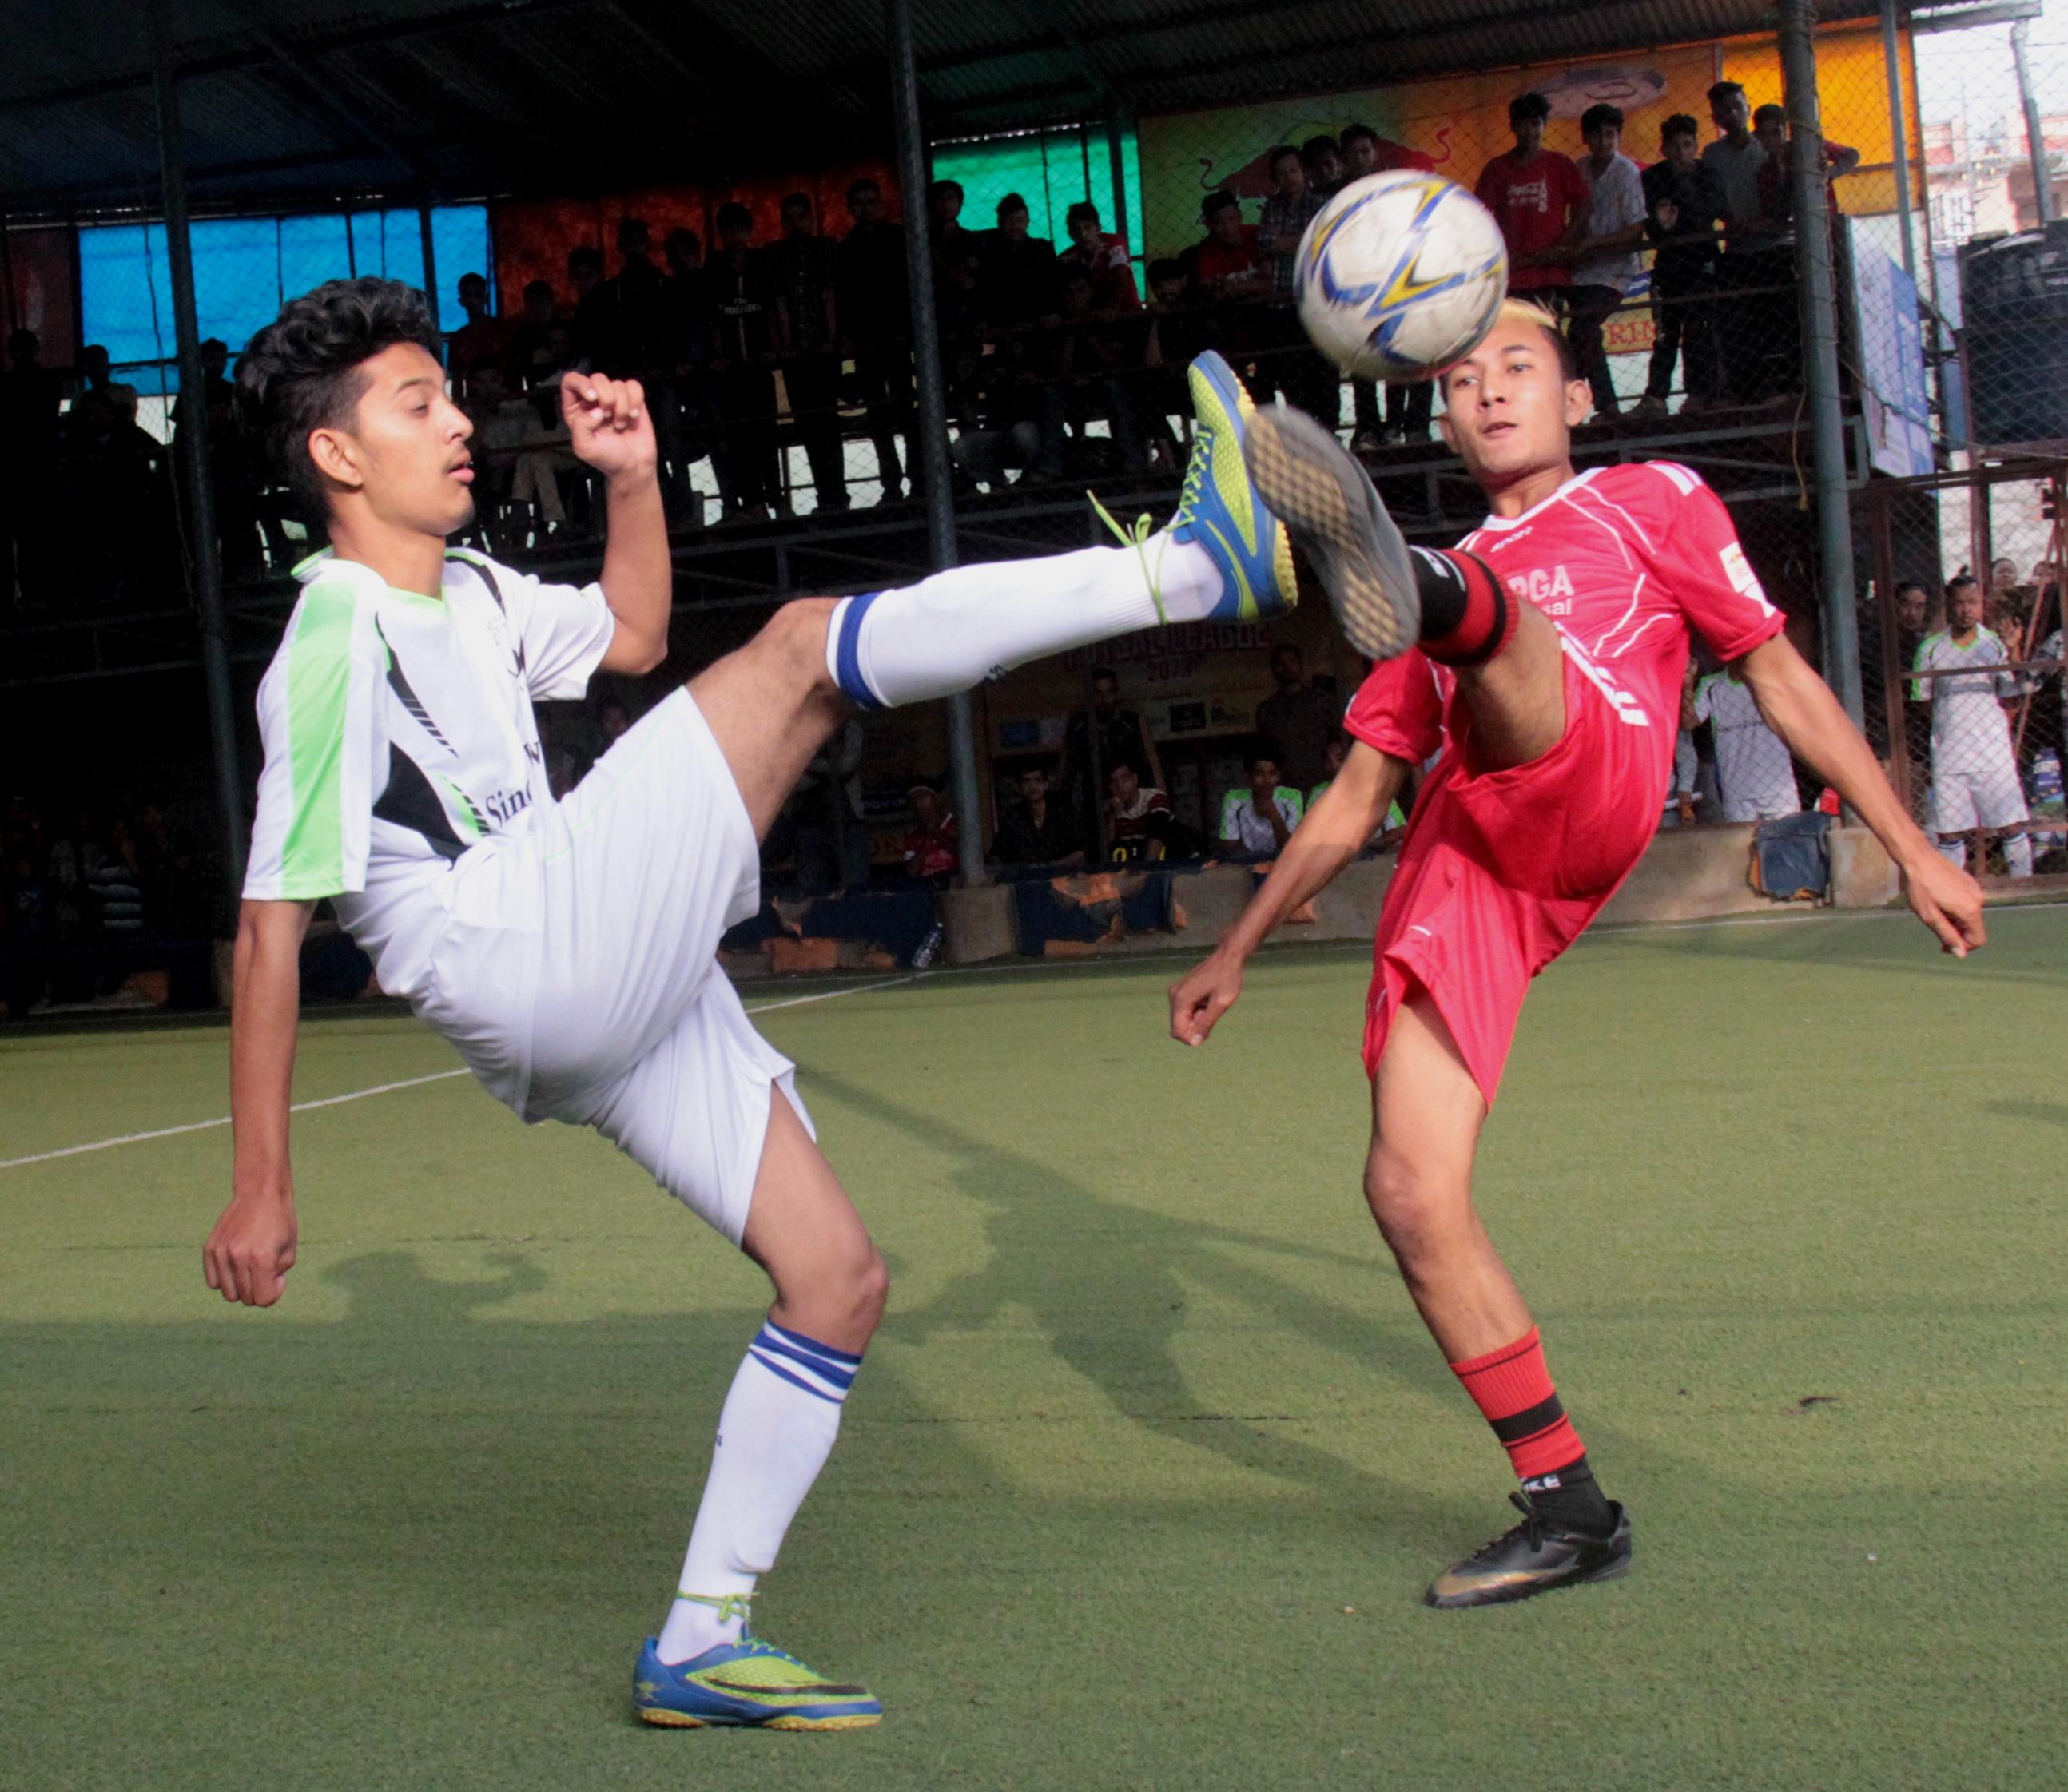 रेडबुल राष्ट्रिय फुटसल लिगमा कुमारी र ह्वाइट हर्स विजयी